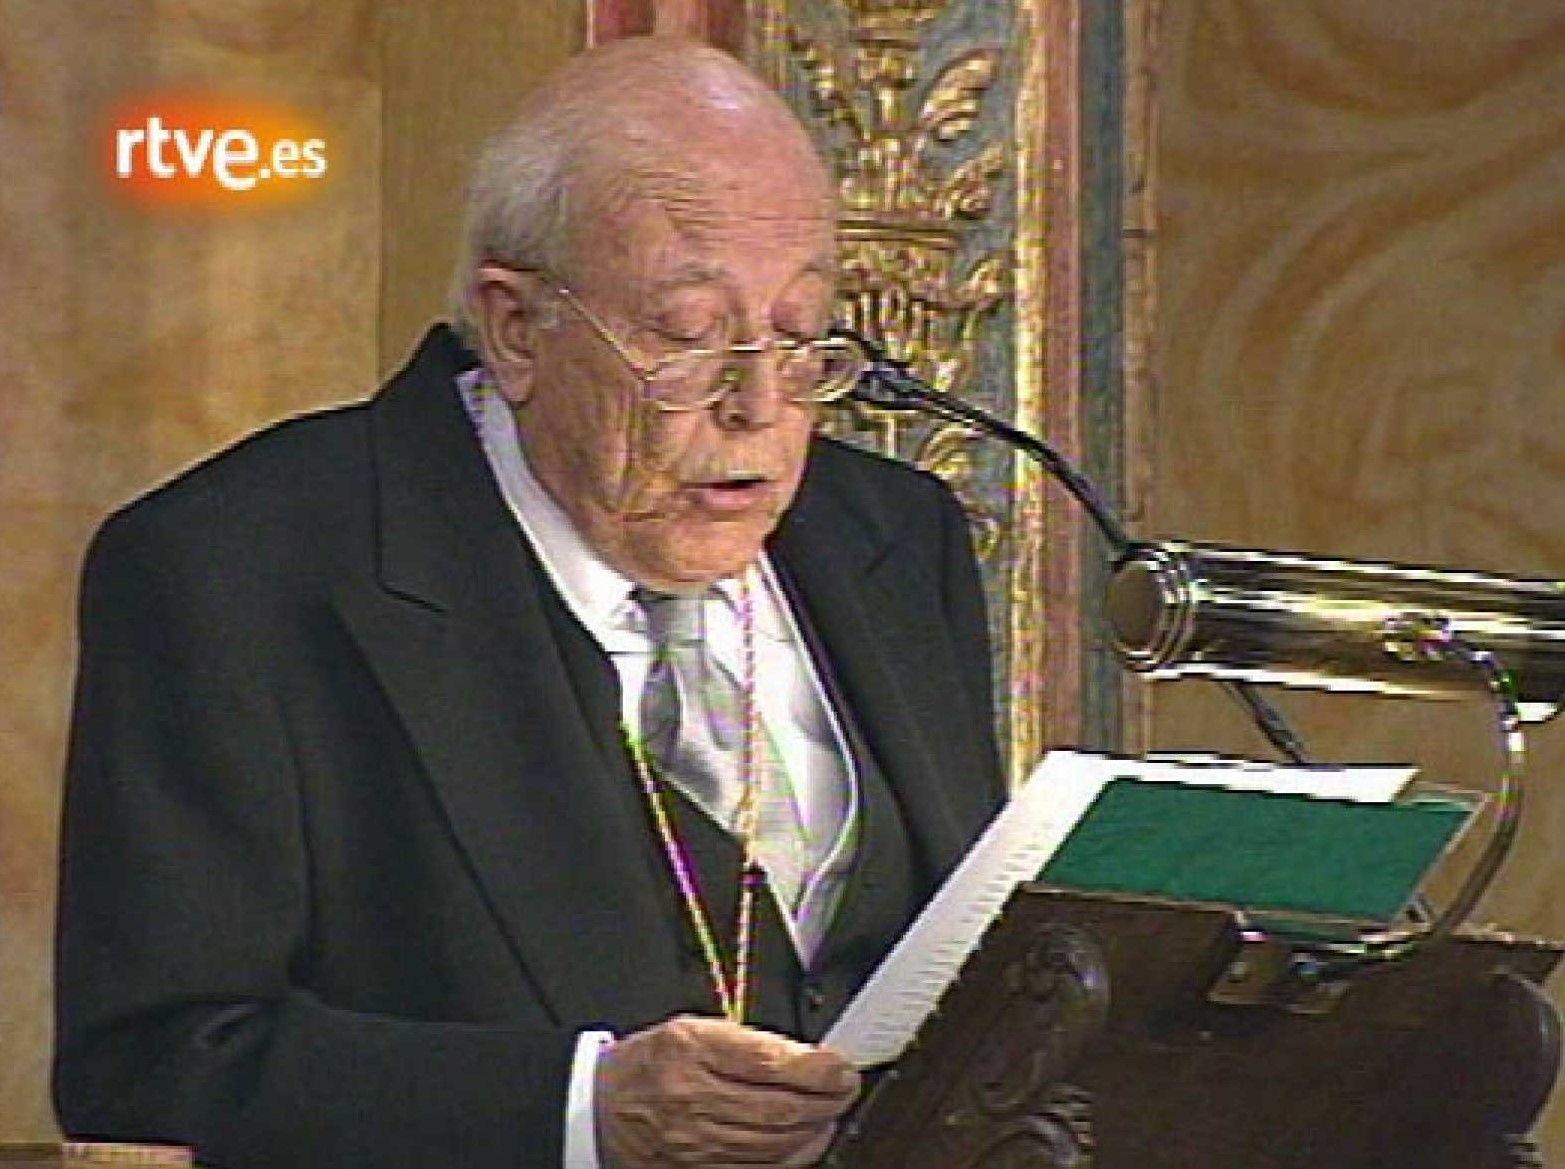 Discurso pronunciado por José Jiménez Lozano al recibir el Premio Cervantes de 2002